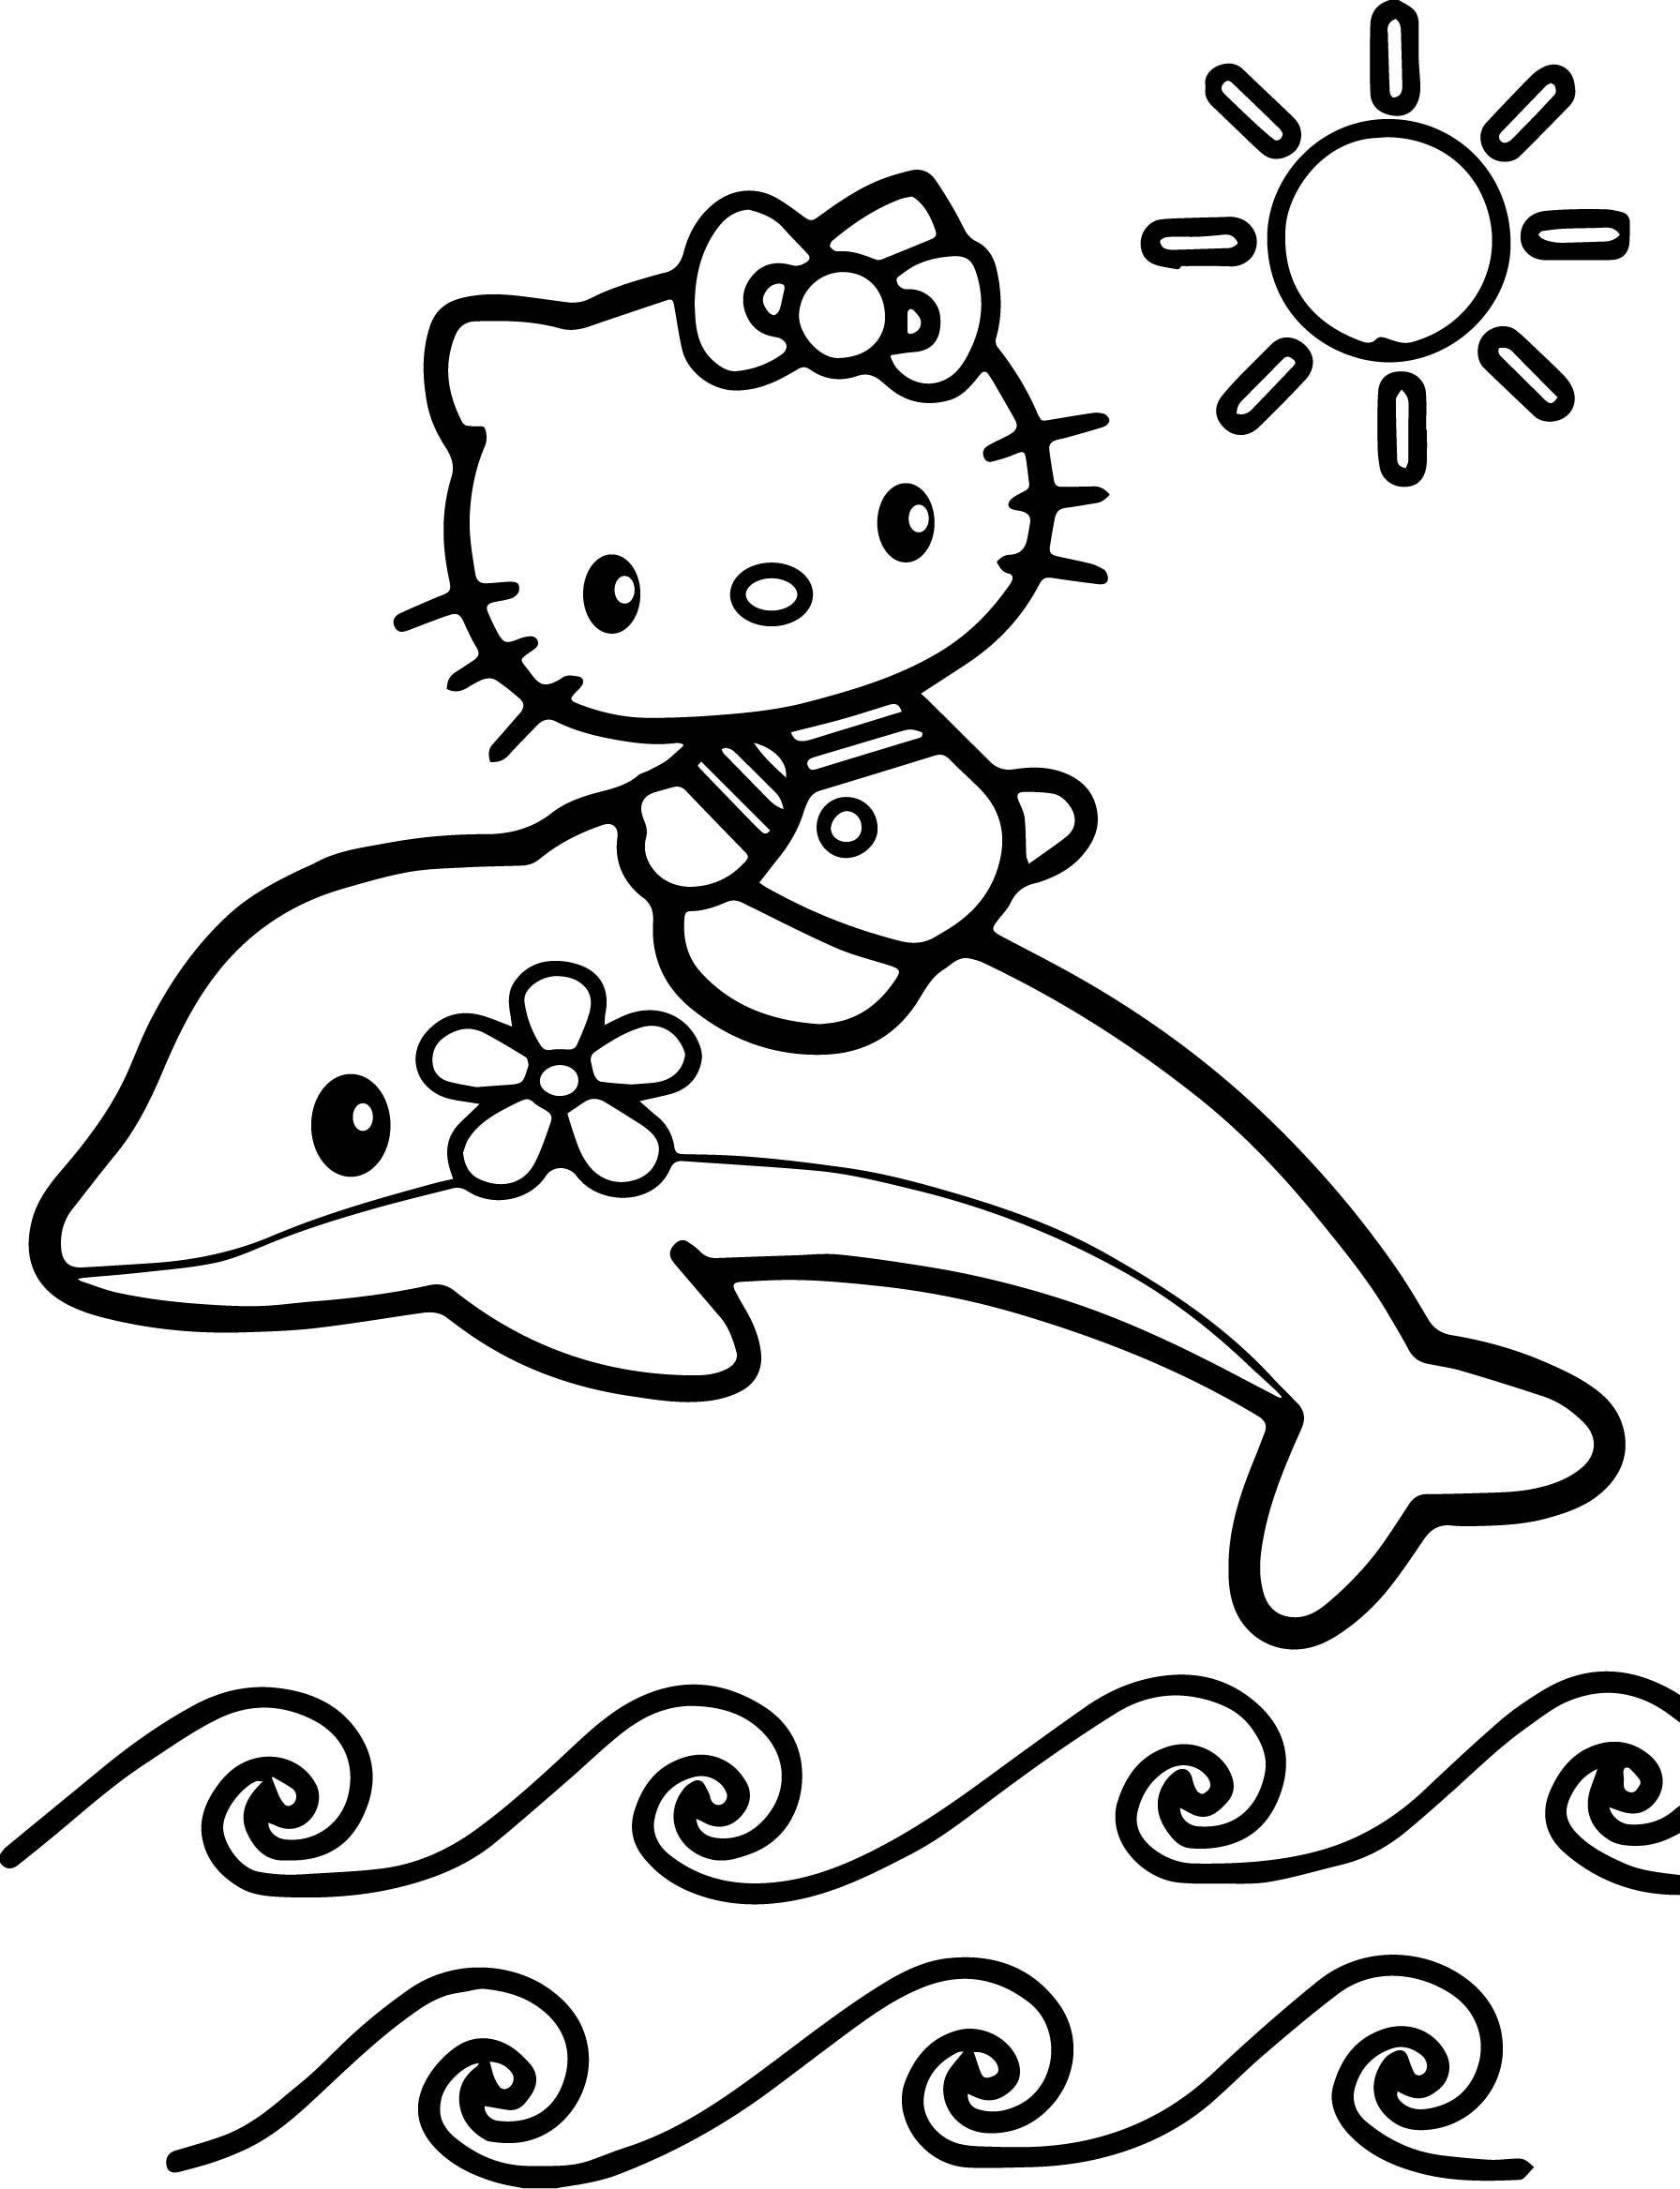 Hello Kitty Flipper Boyama Sayfası Ile Oynayın Boyama Sayfaları